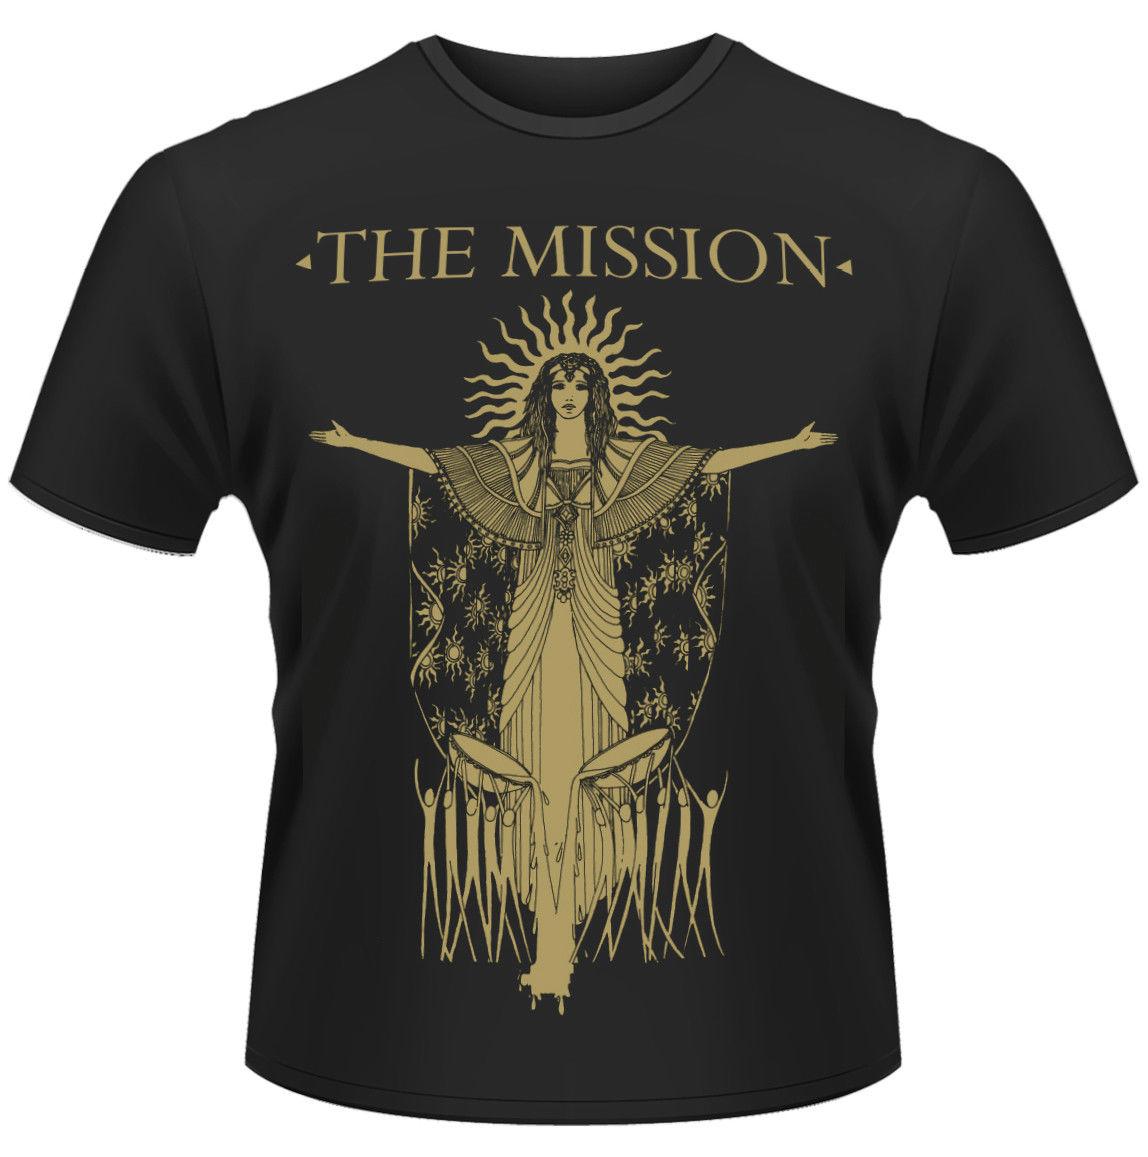 THE MISSION GODS OWN MEDICINE T-SHIRT - NUOVO E ORIGINALE